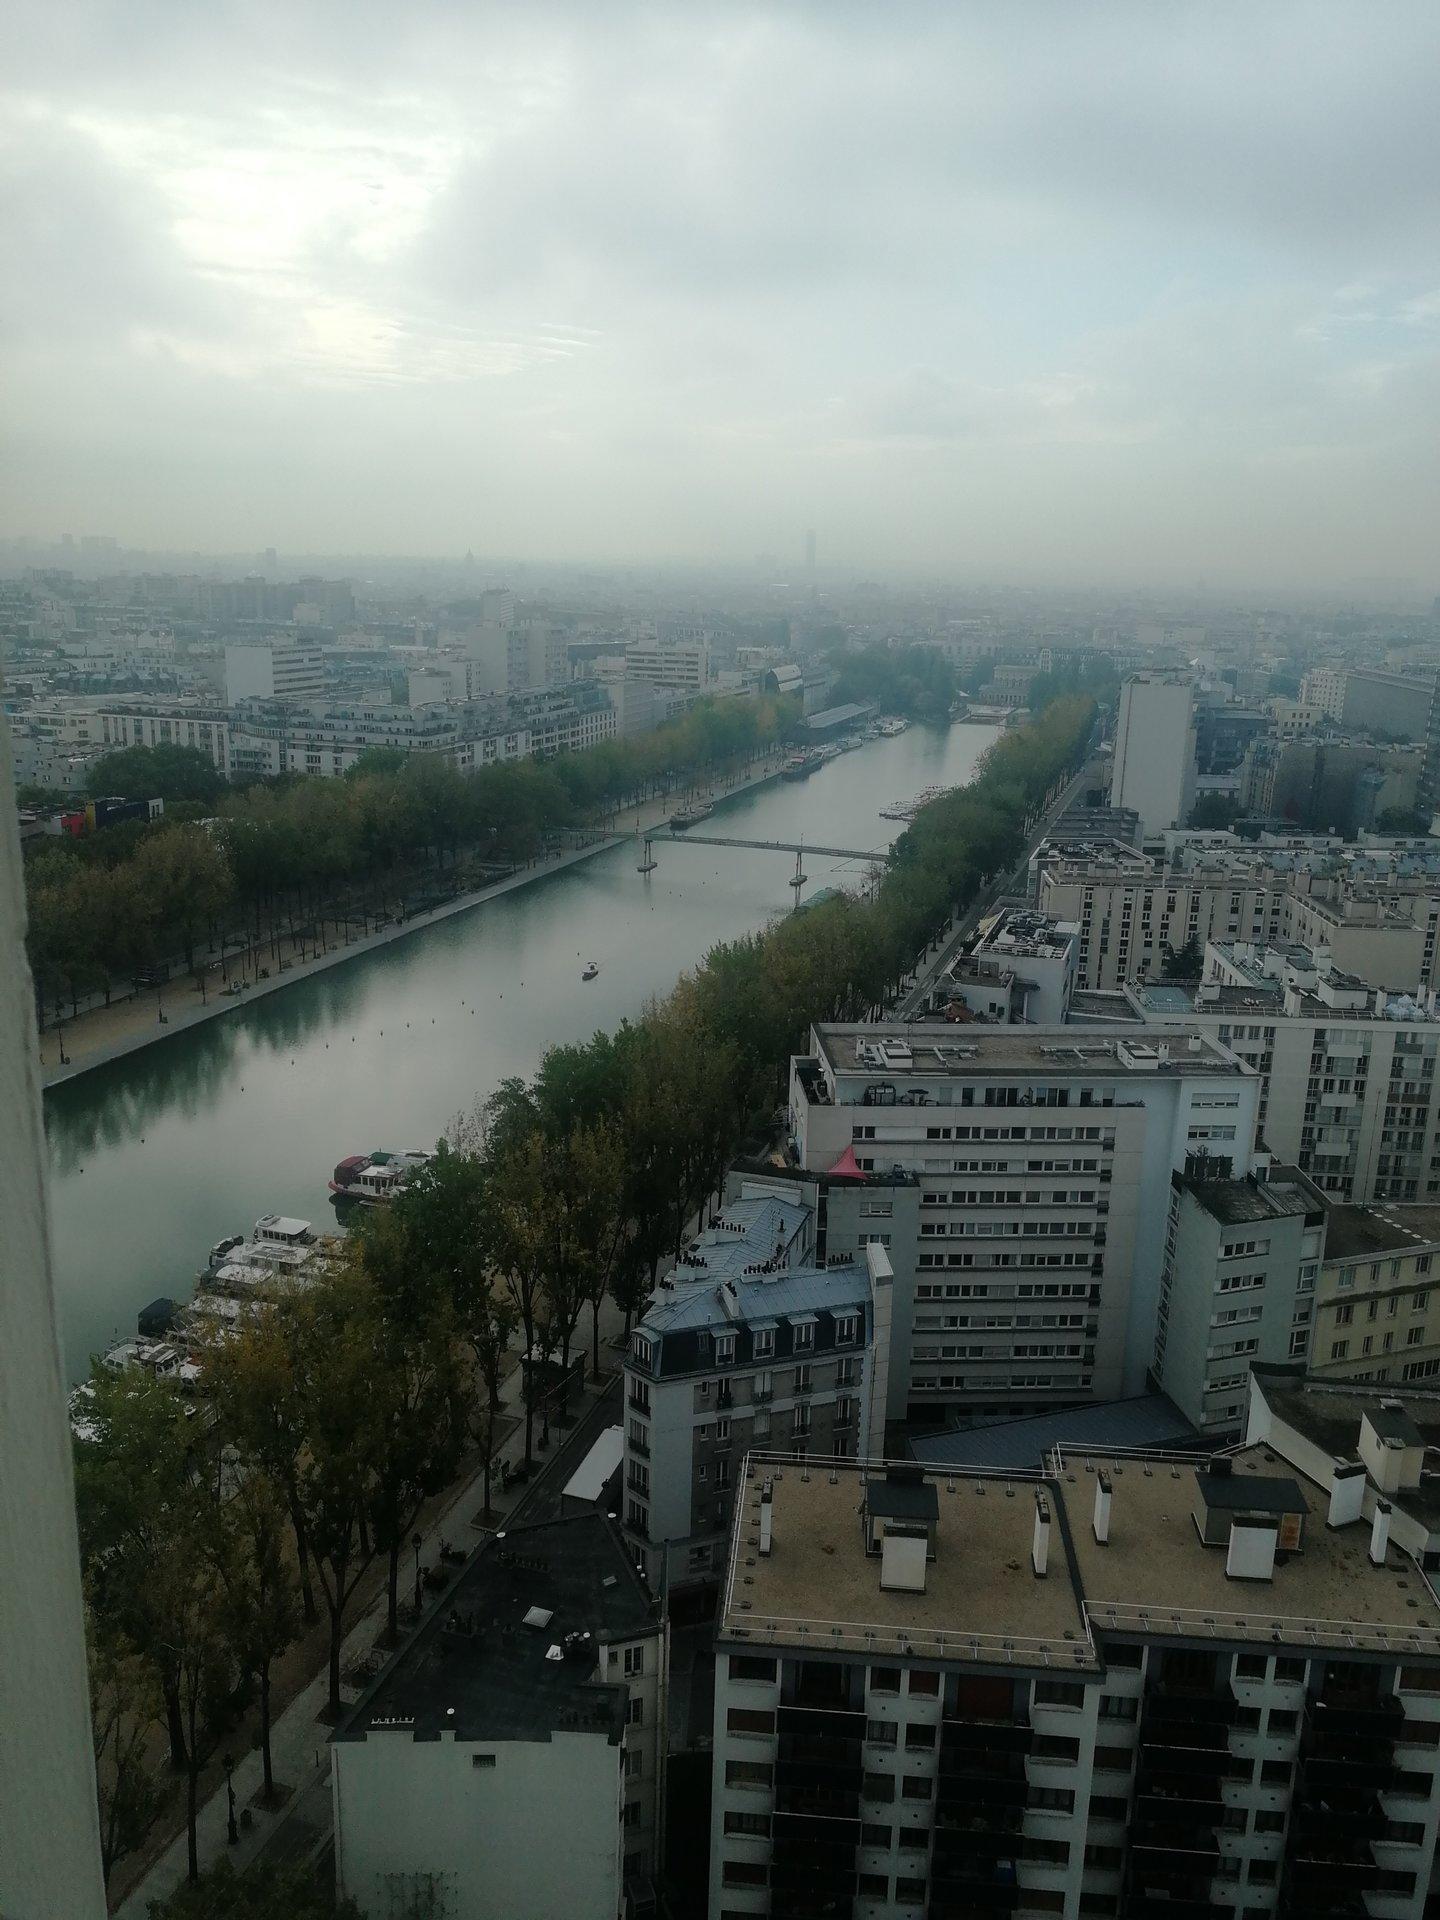 Sale Apartment - Paris 19th (Paris 19ème) Villette